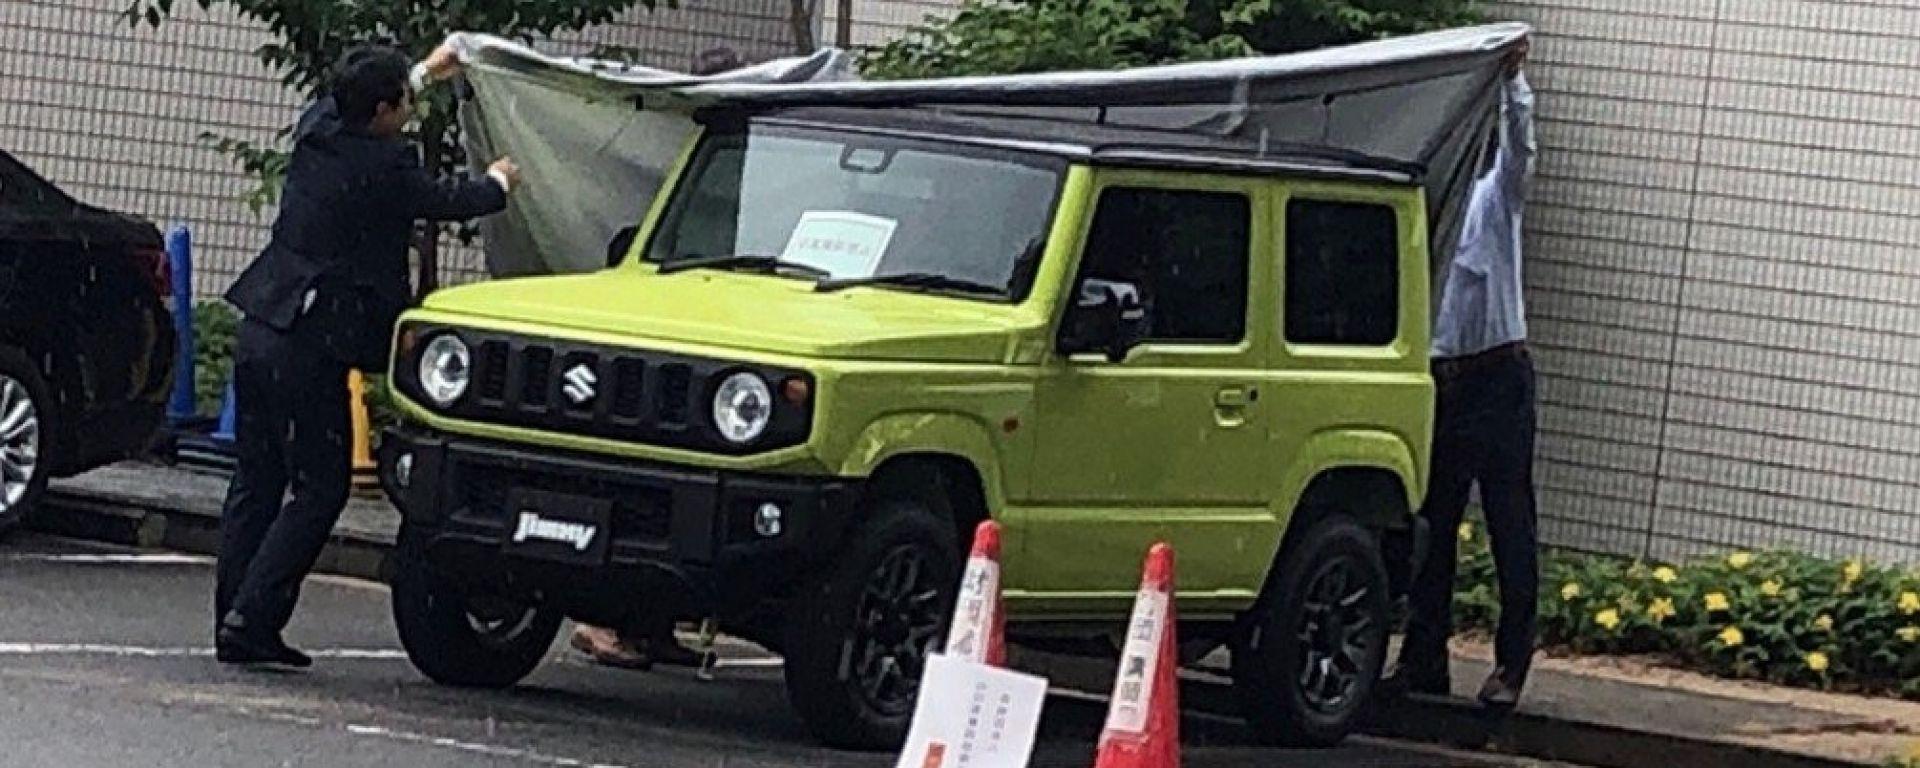 Nuova Suzuki Jimny 2018